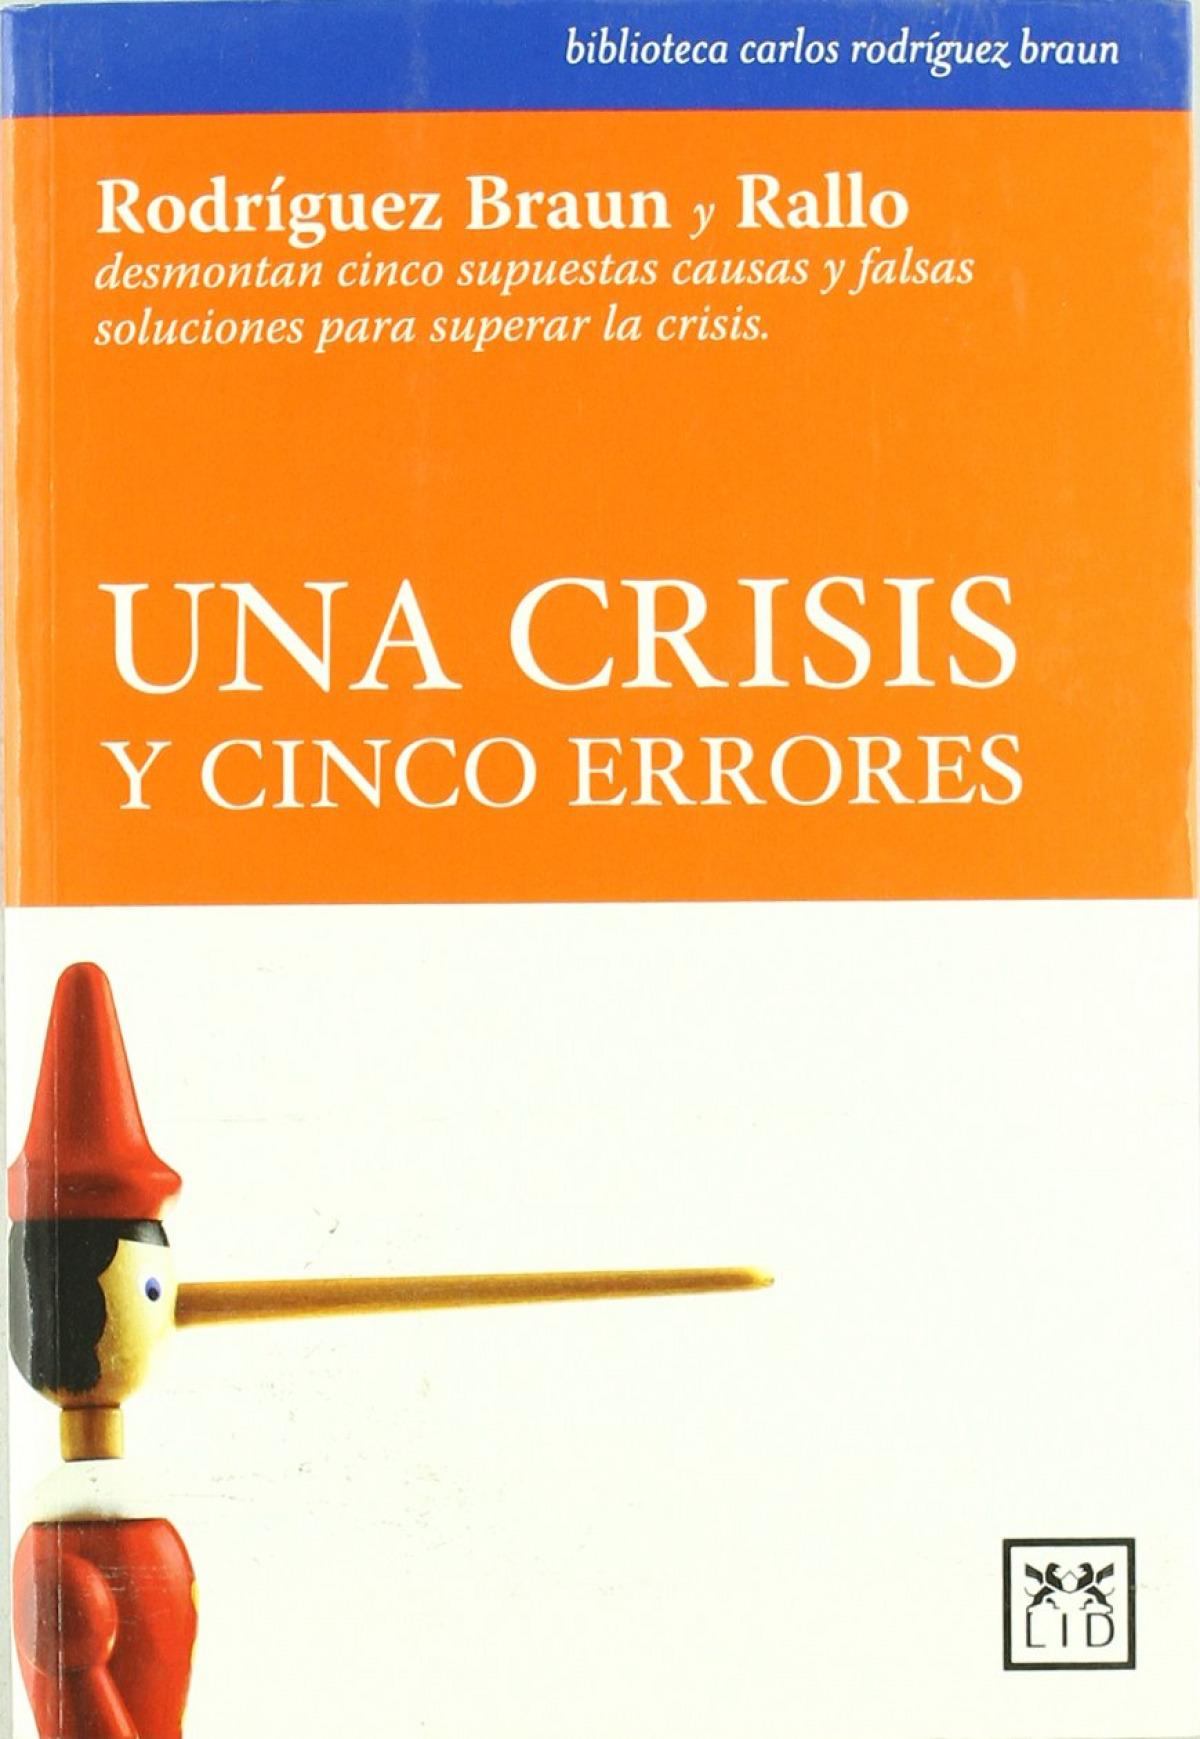 Una crisis y cinco errores - Rodríguez Braun, Carlos/Rallo, Juan Ramón